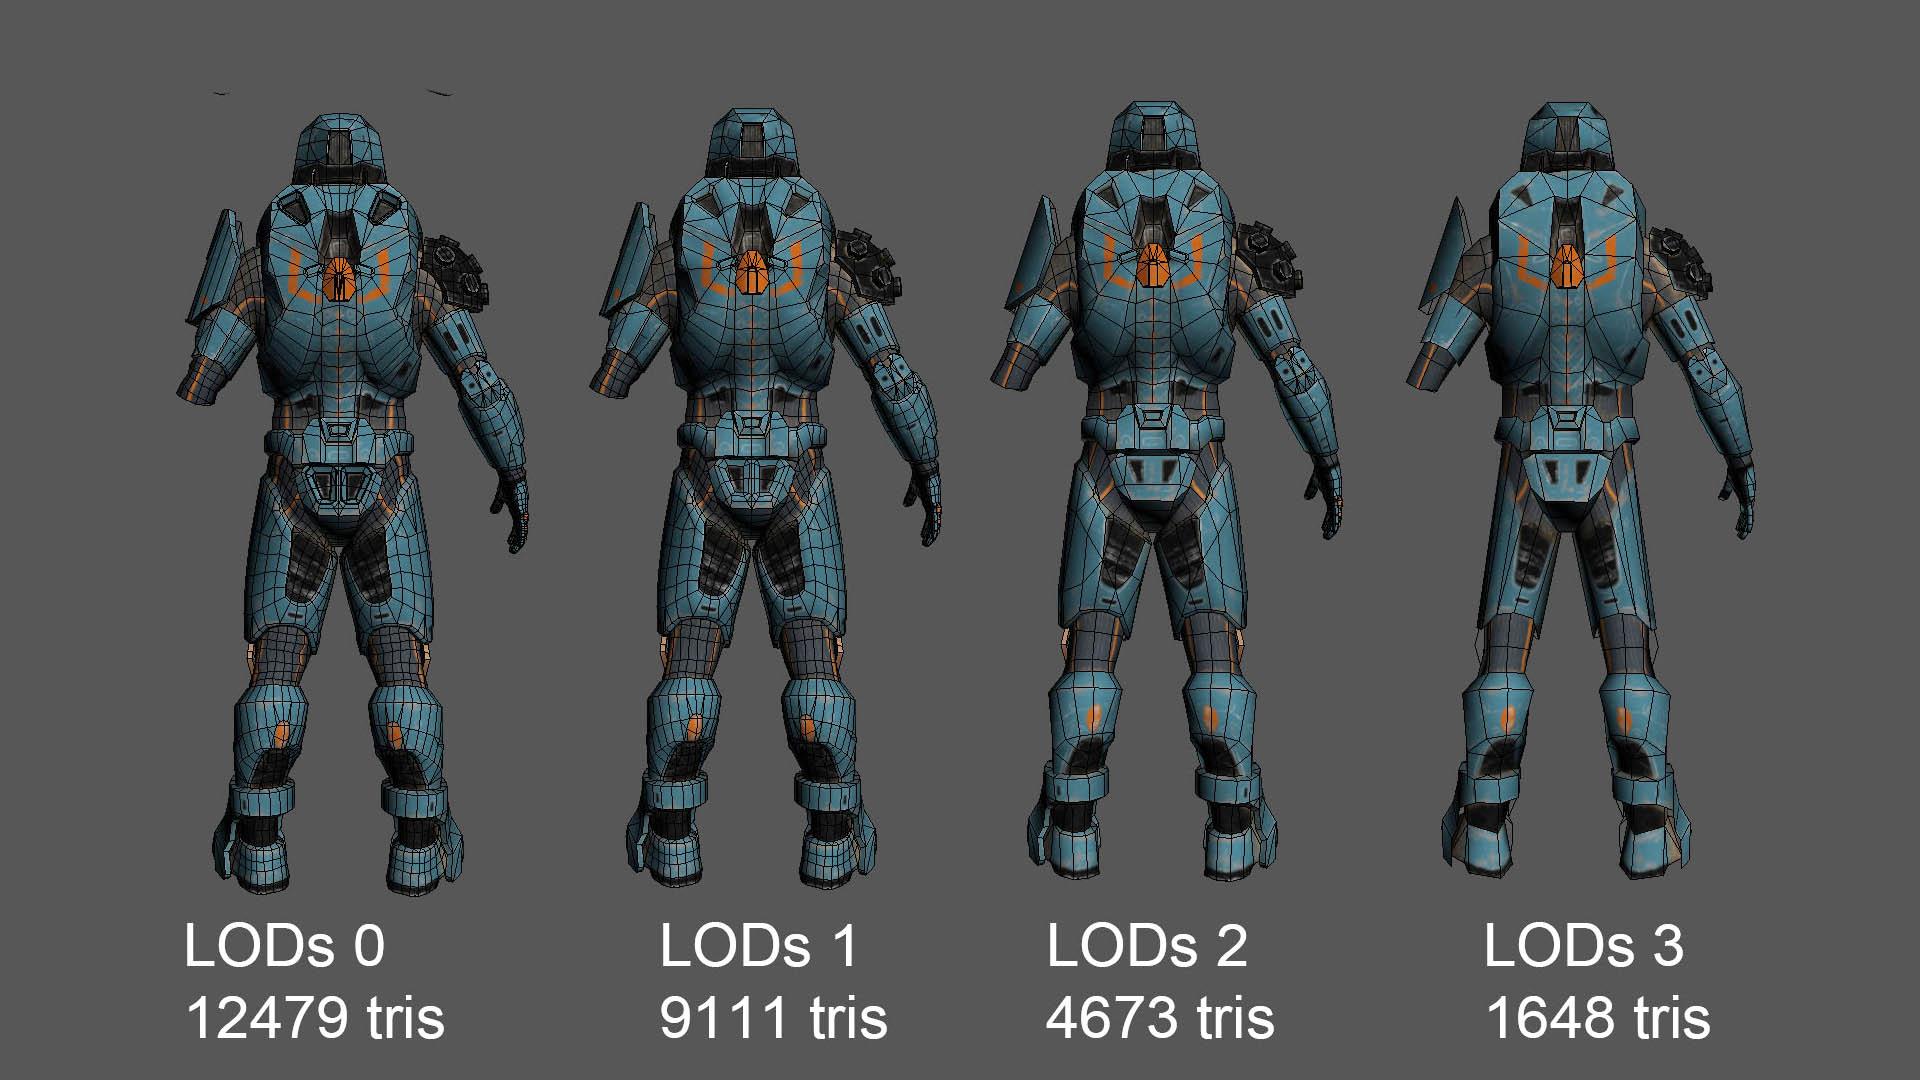 Tier3 LODs 1